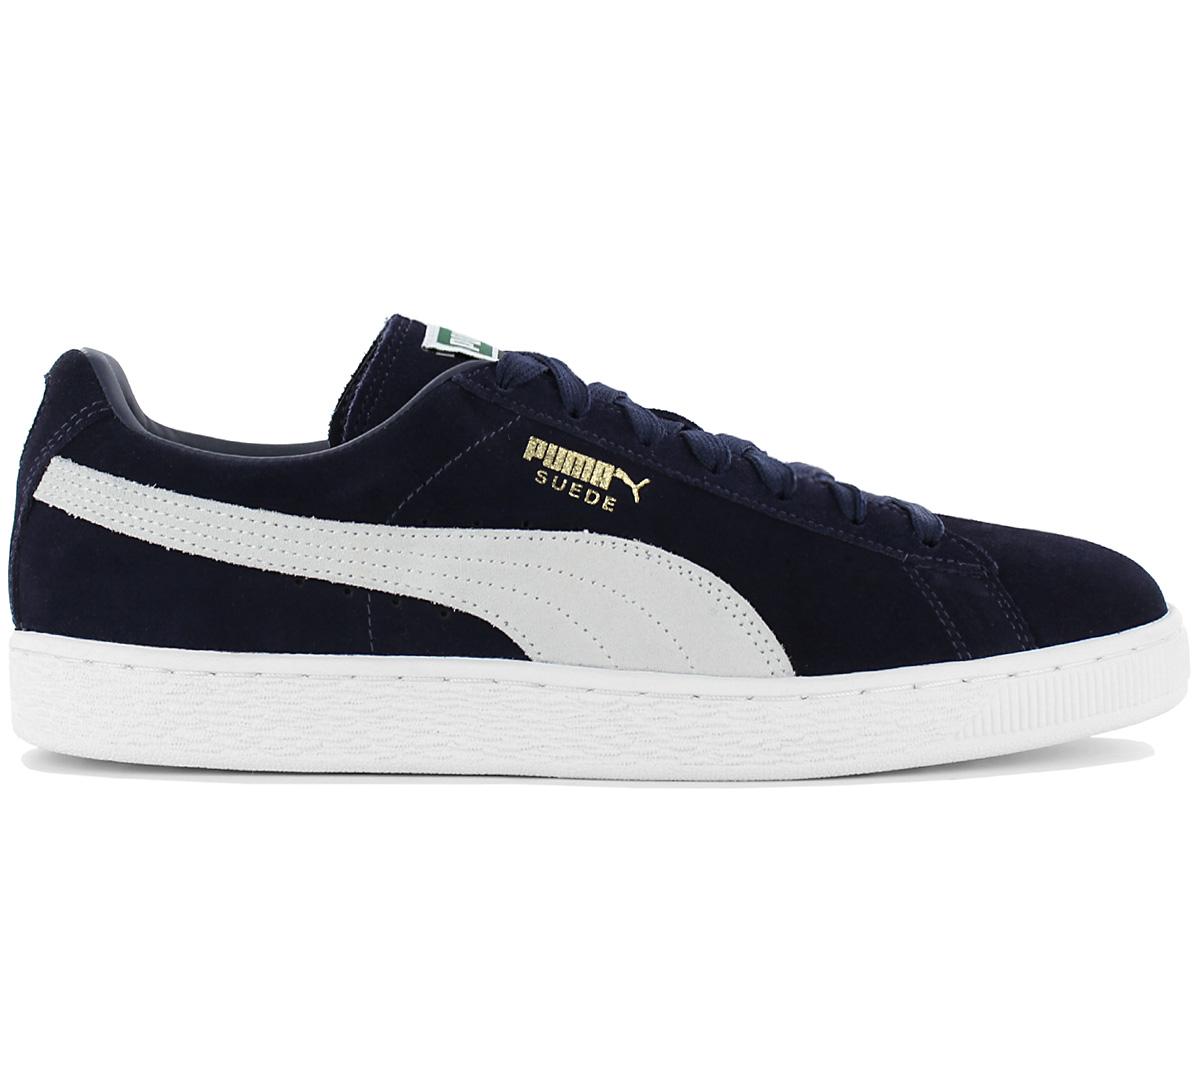 Puma Suede Leder Classic Herren Sneaker Schuhe Freizeit Leder Suede Turnschuhe smash NEU 22eee5